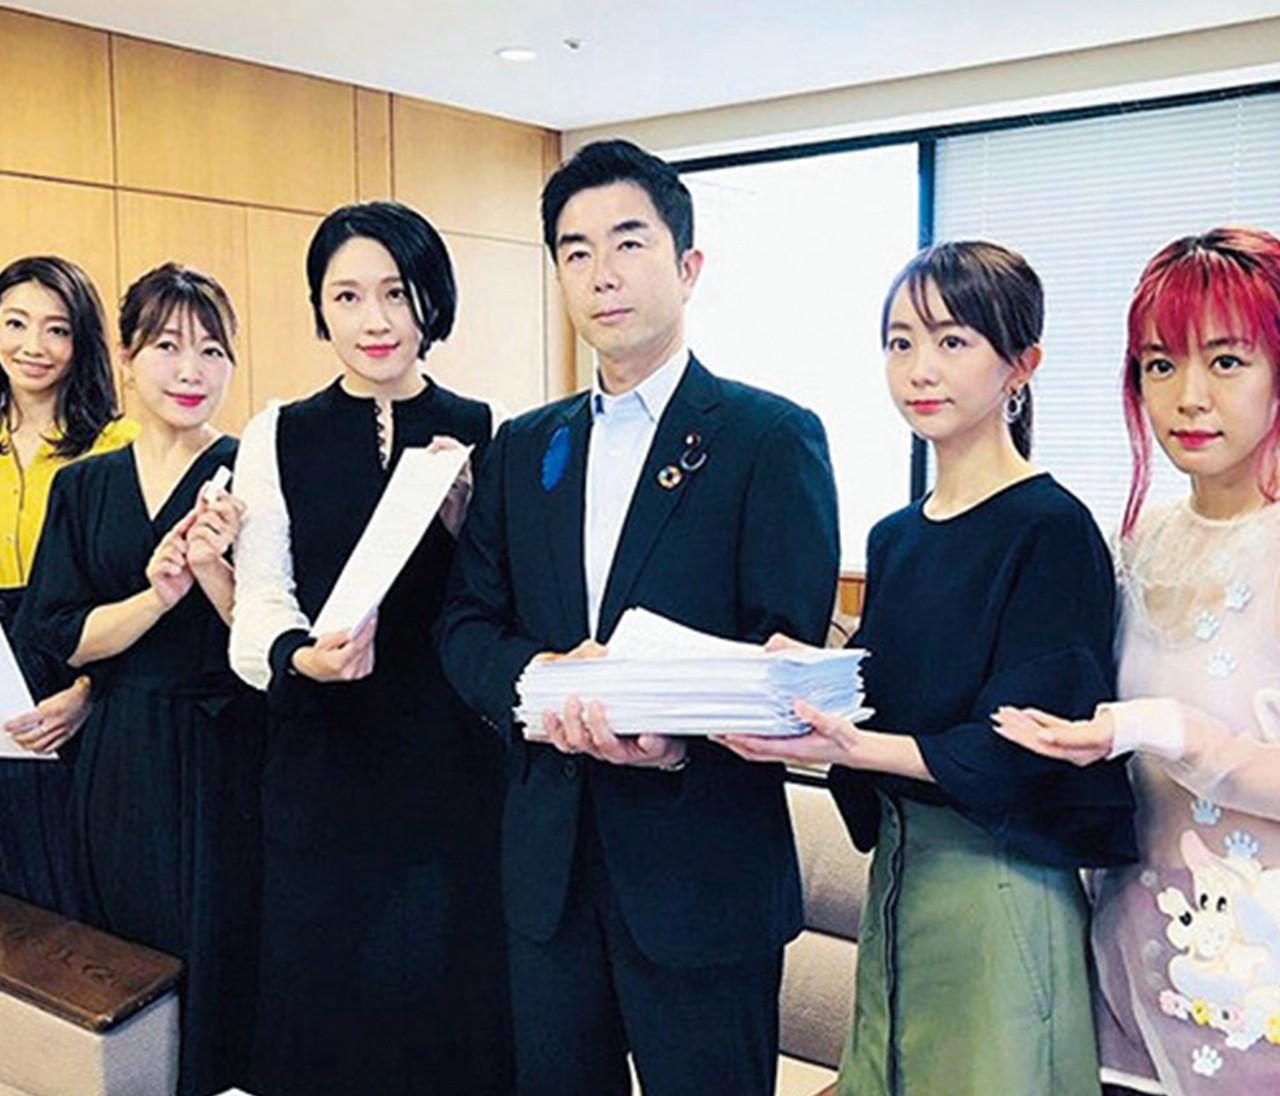 【身近な社会貢献】コラムニスト・犬山紙子さん「児童虐待の根絶に向けた活動を実施」